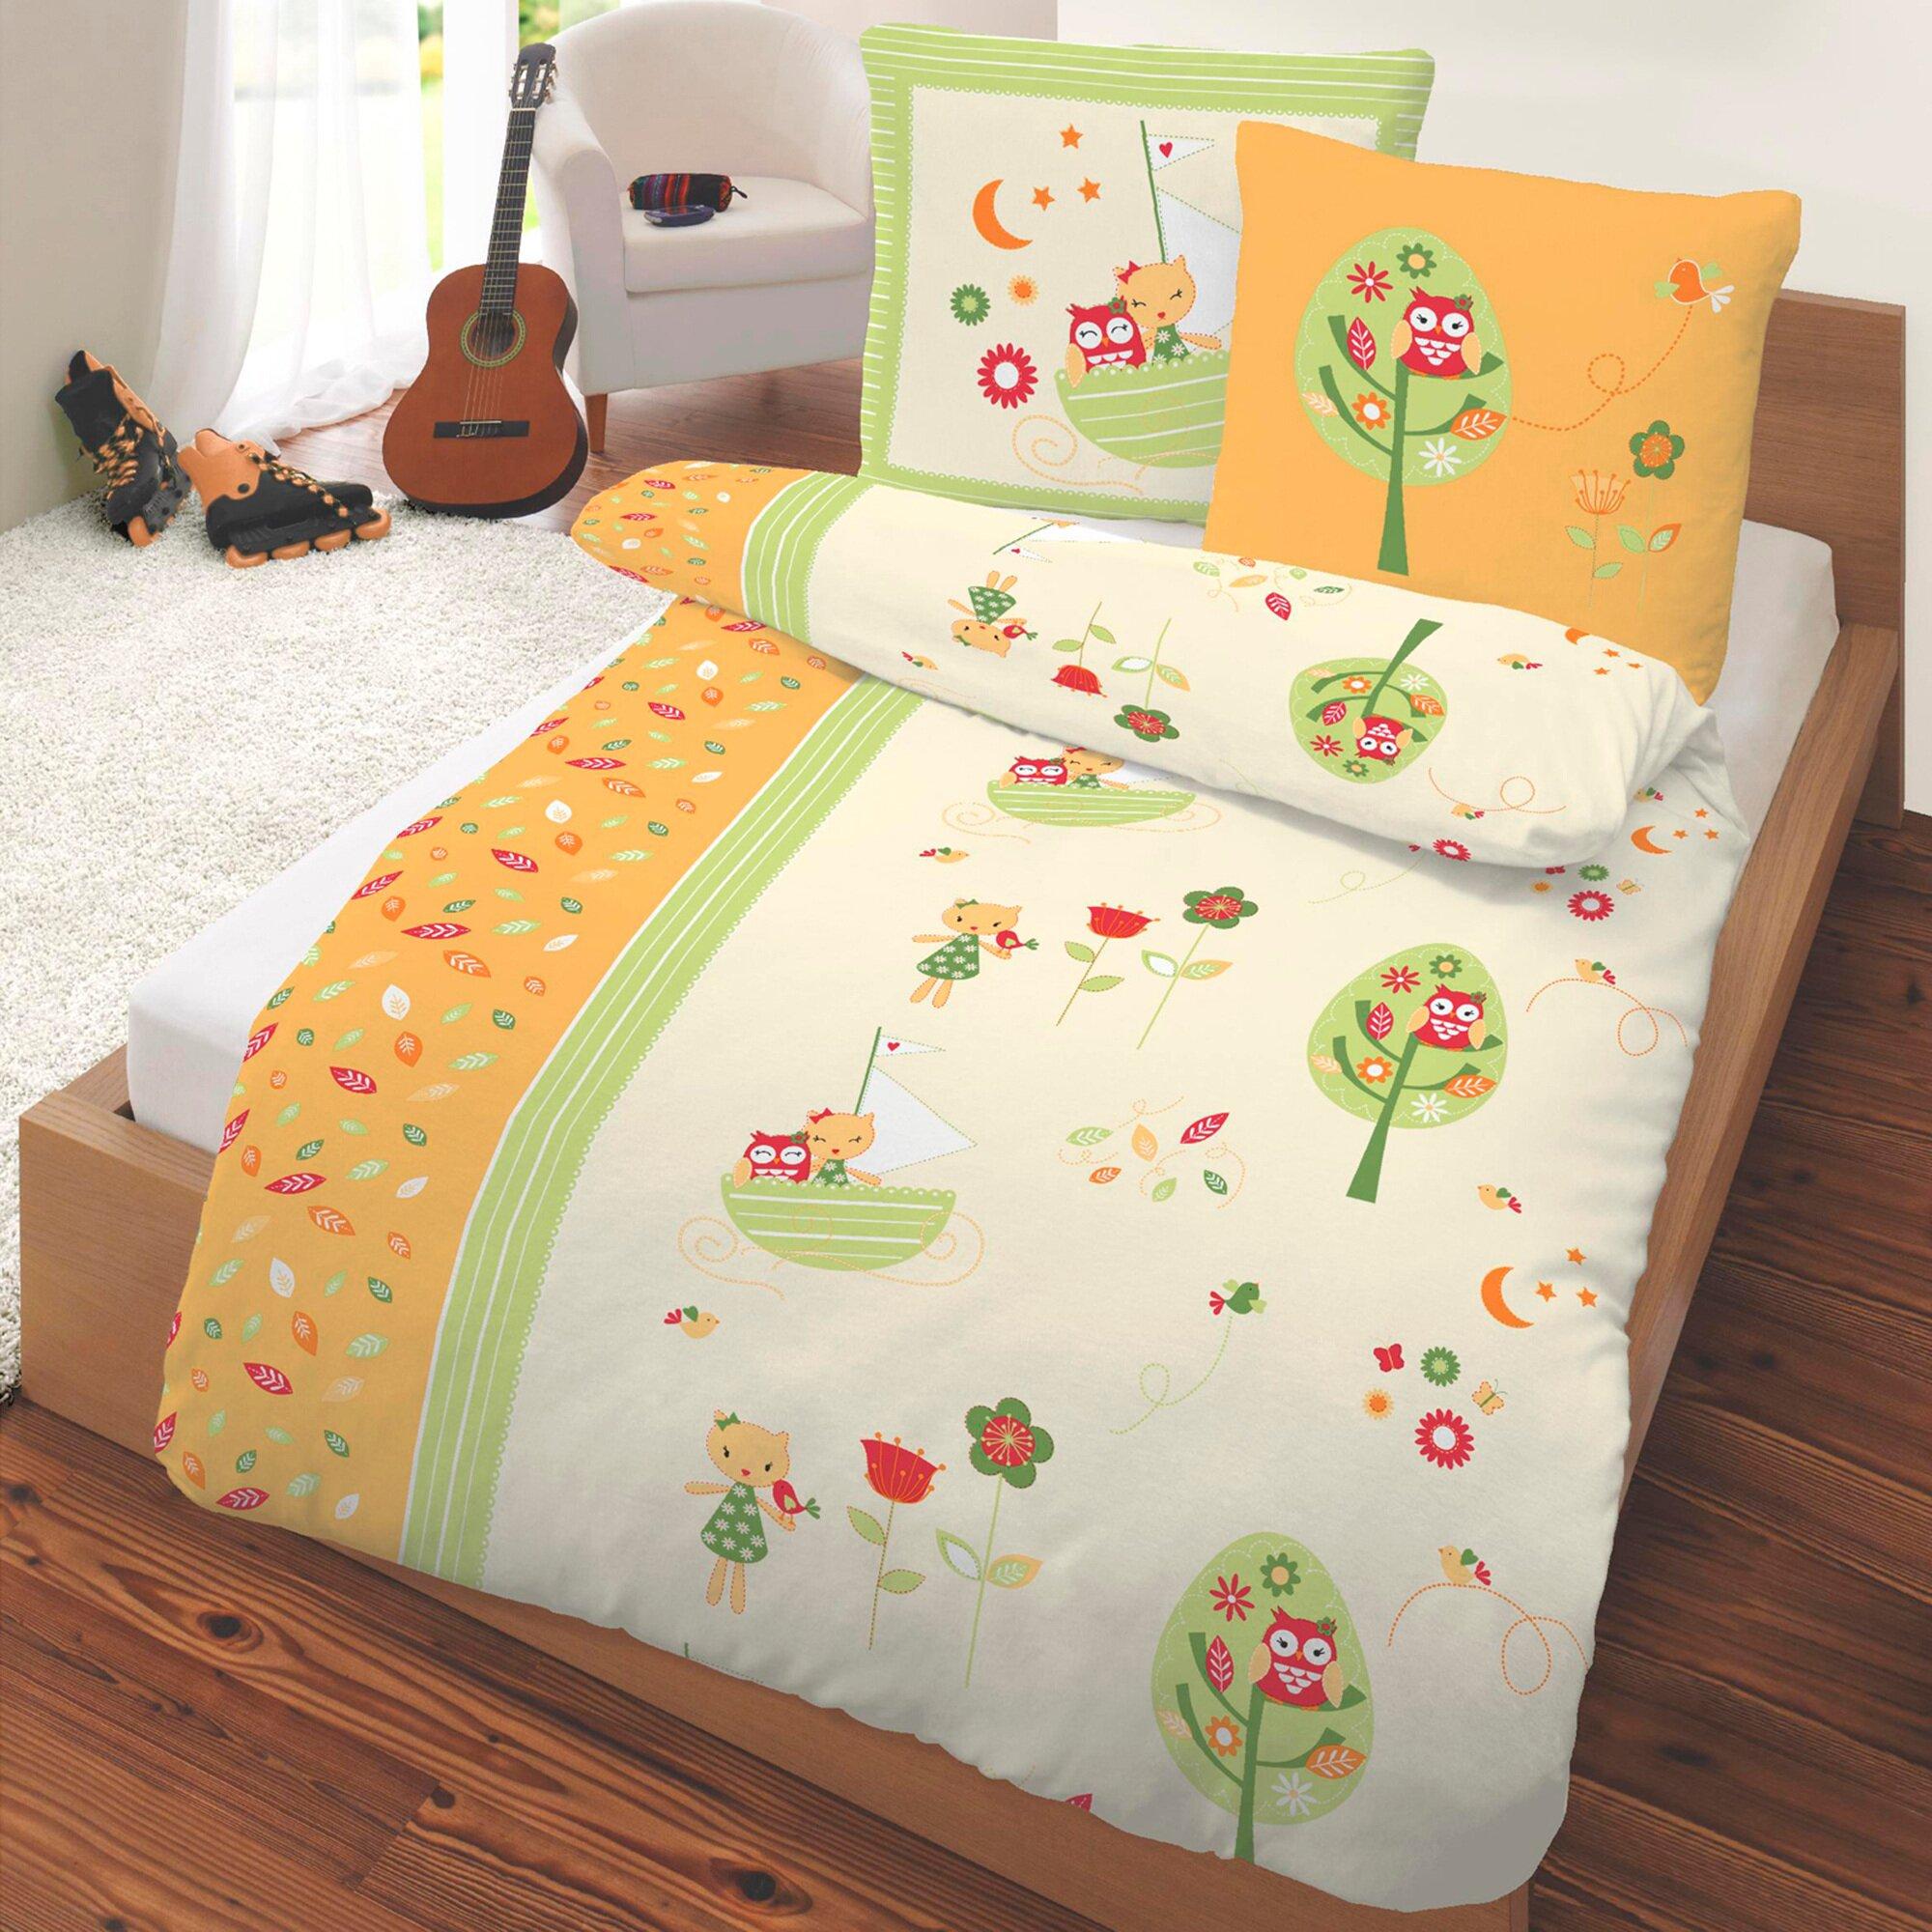 bornino home kinder baby. Black Bedroom Furniture Sets. Home Design Ideas